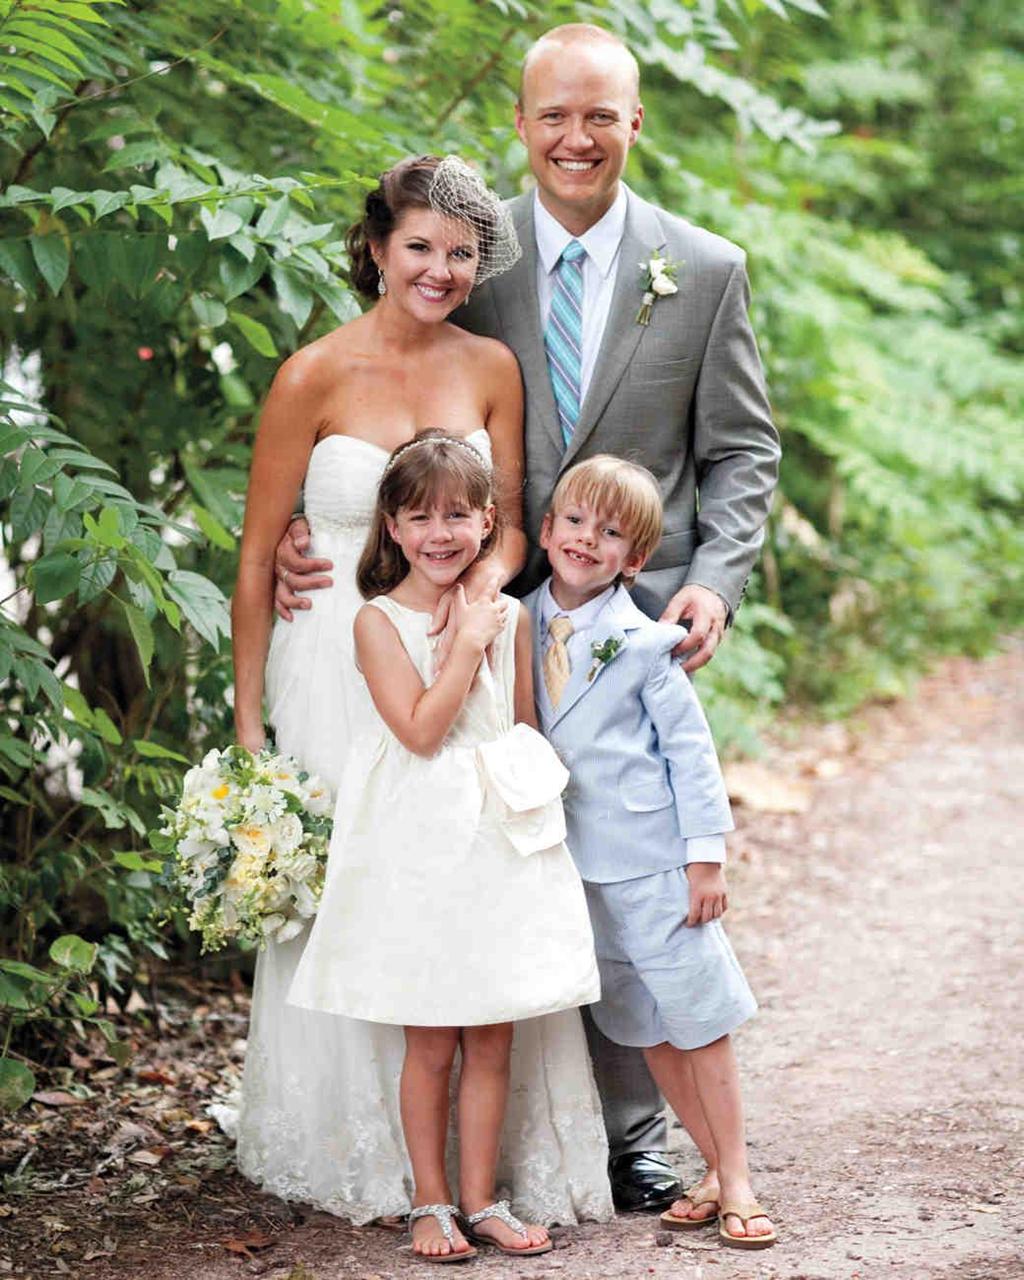 Cấm trẻ em vào đám cưới: Văn minh hay ích kỷ?-3